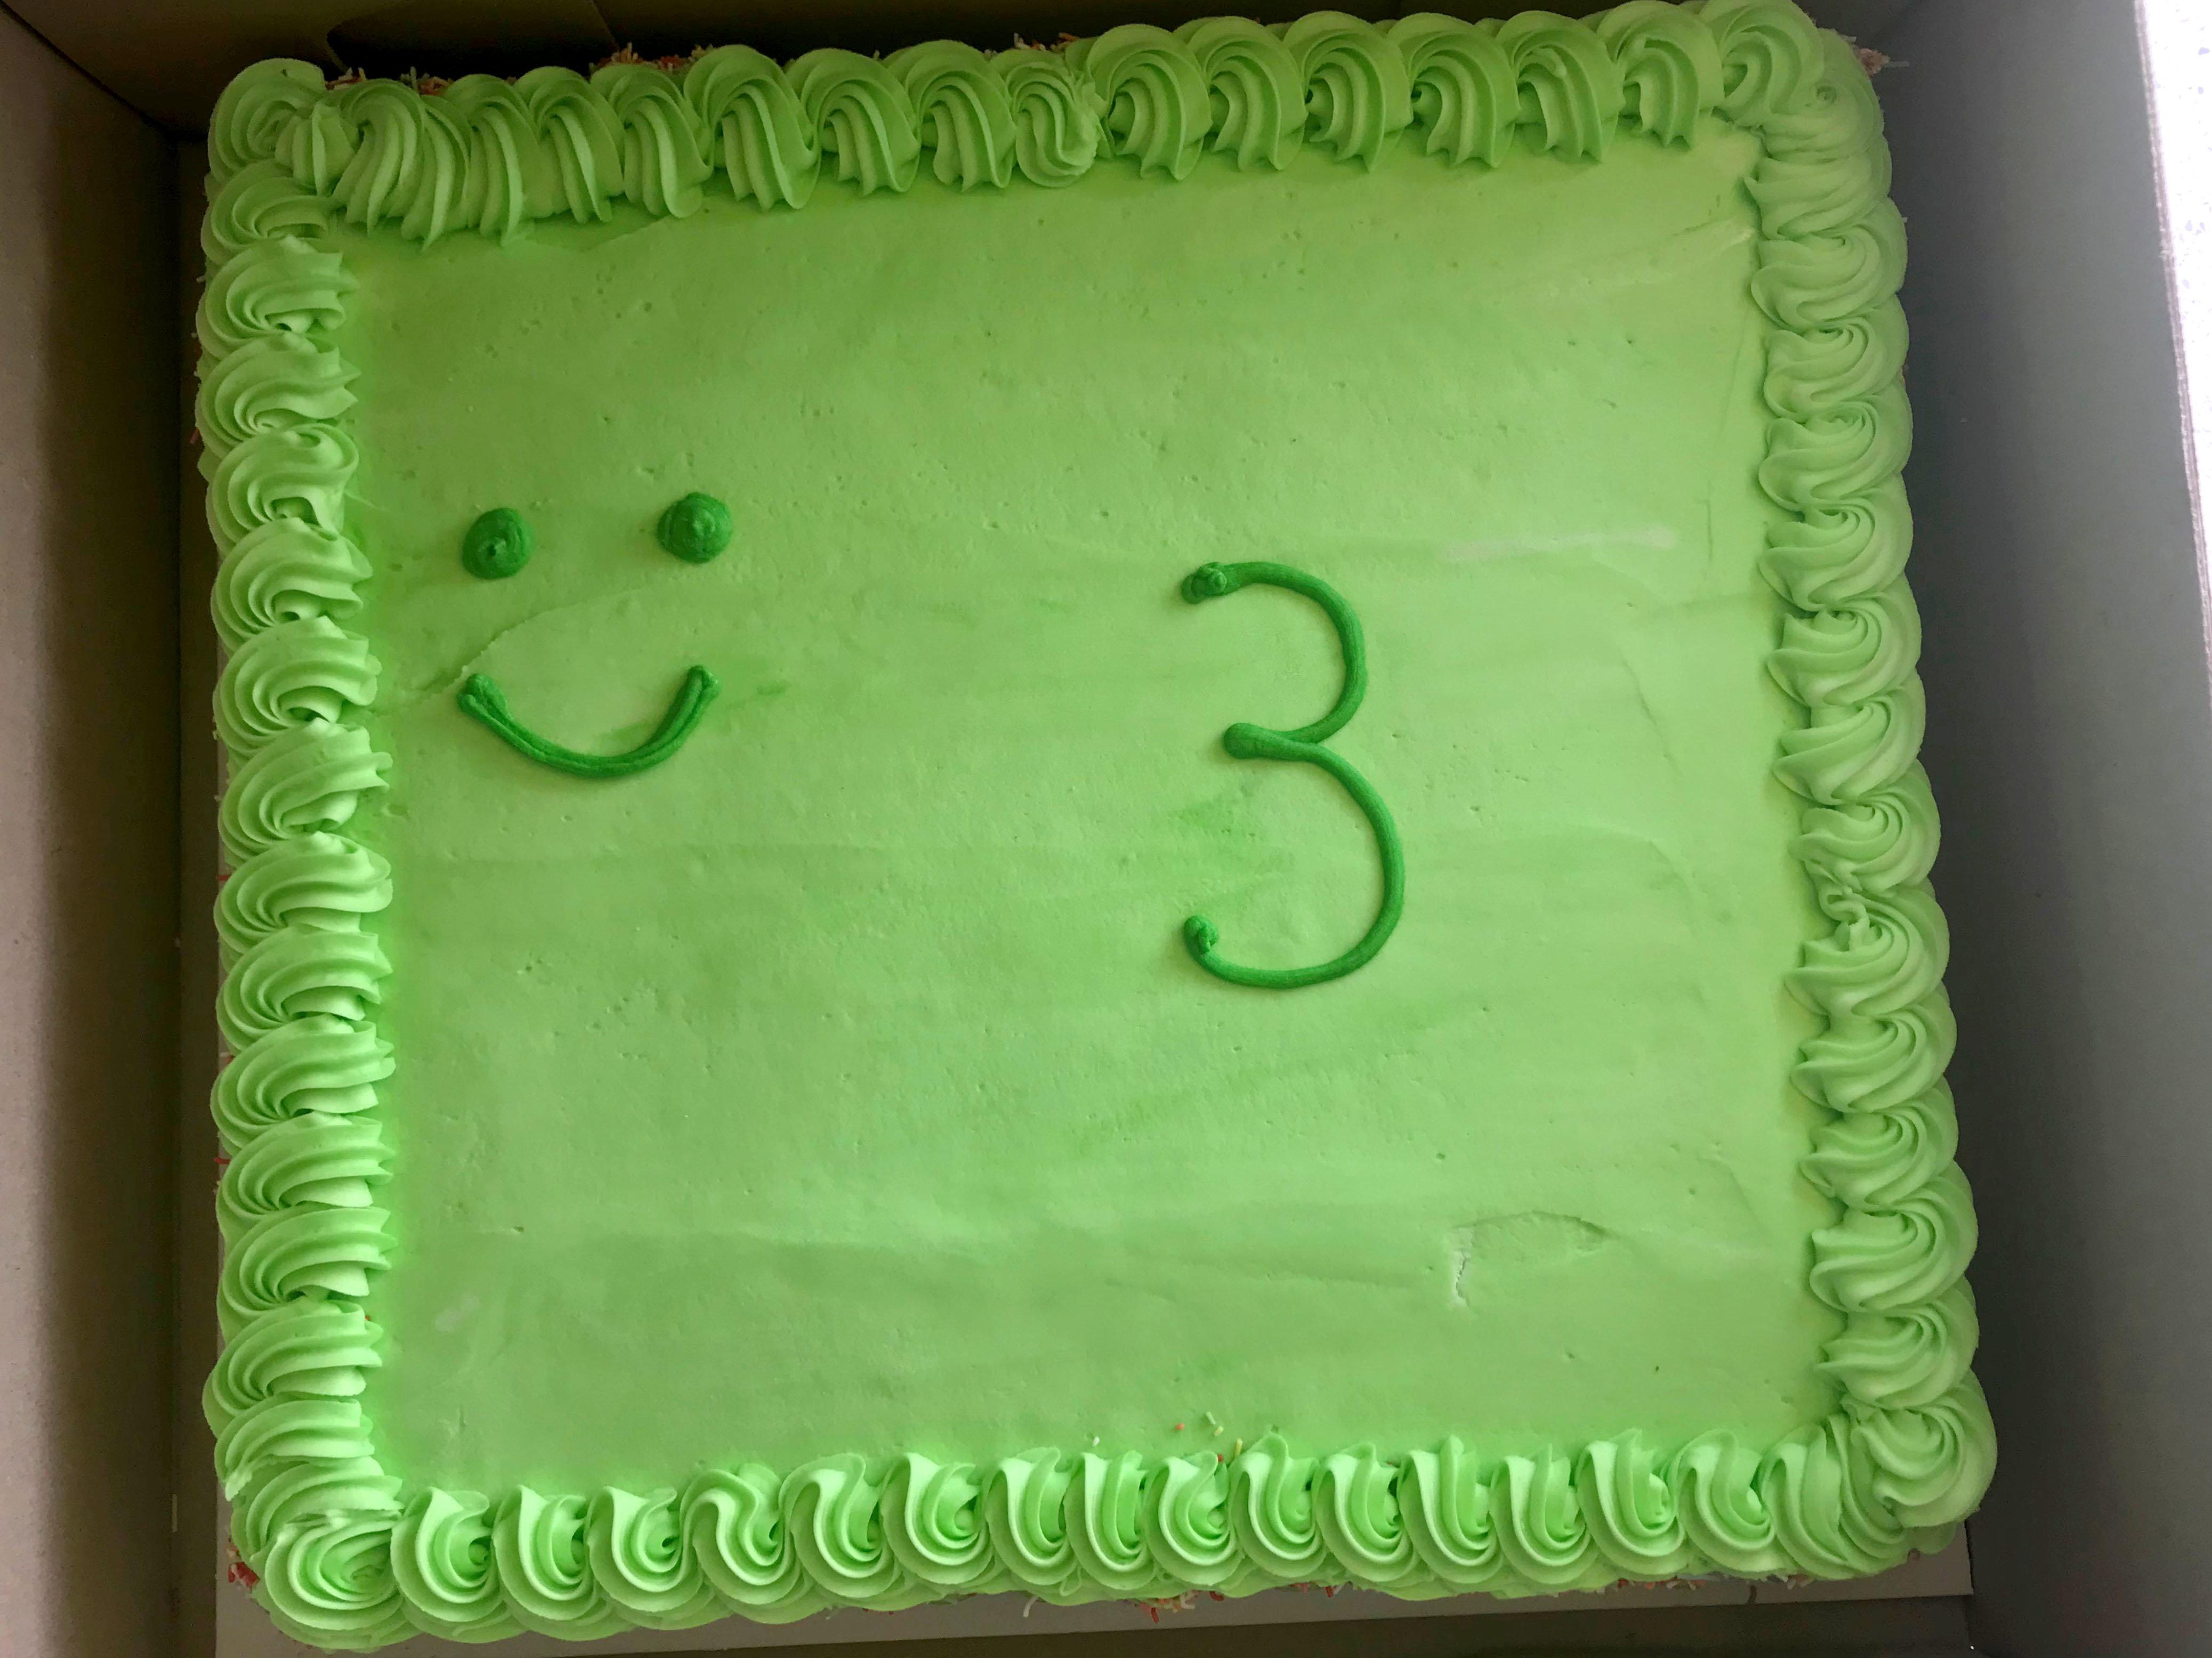 Ils ont commandé un gâteau de «grenouille», voici ce qu'ils ont